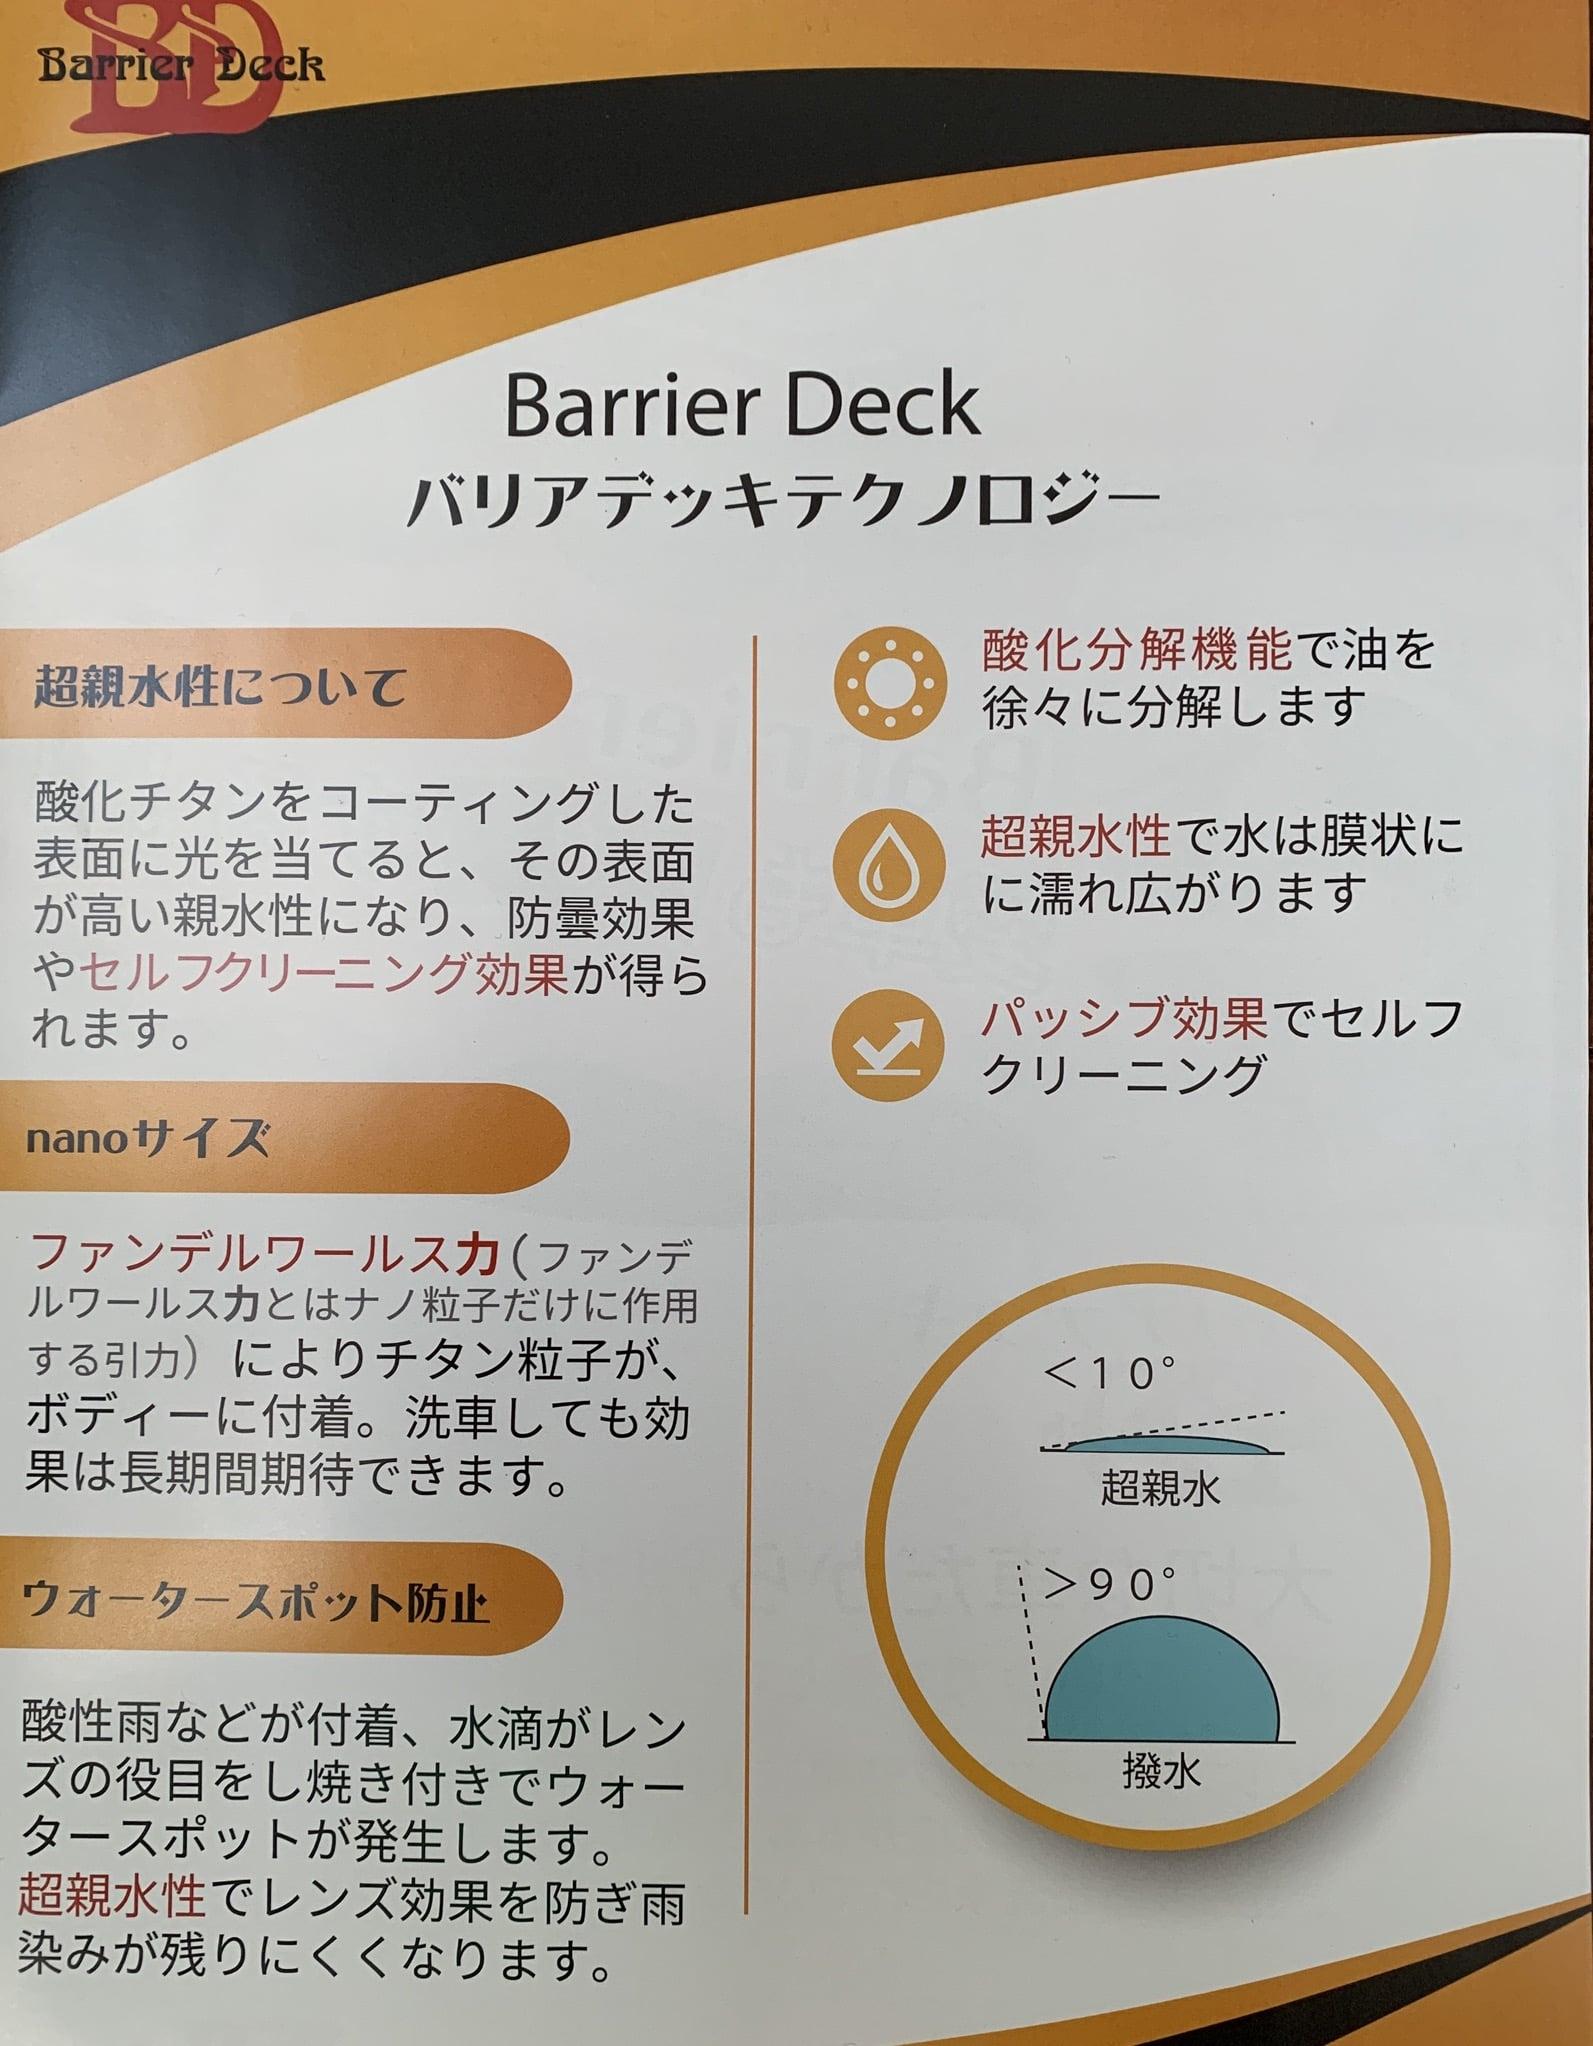 ボディコーティング親水タイプ〜バリアデッキ〜 1BOX.SUVのイメージその1